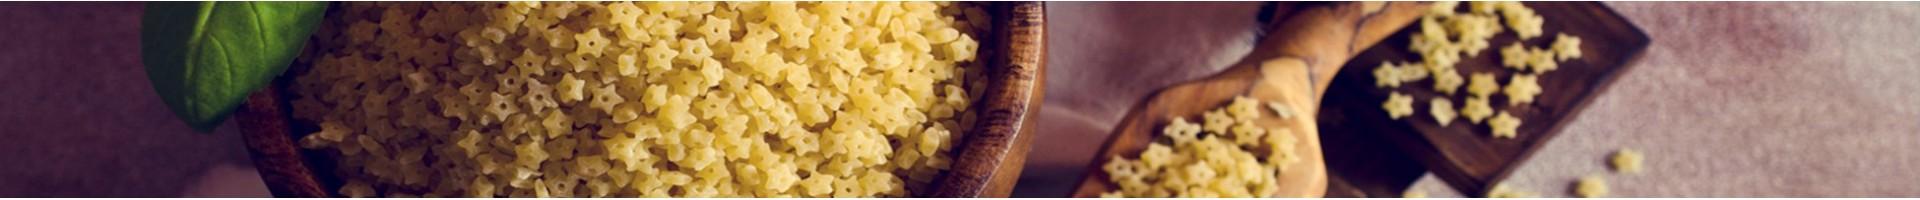 Pasta de Espelta: Macarrones de Espelta y más  | La Finestra